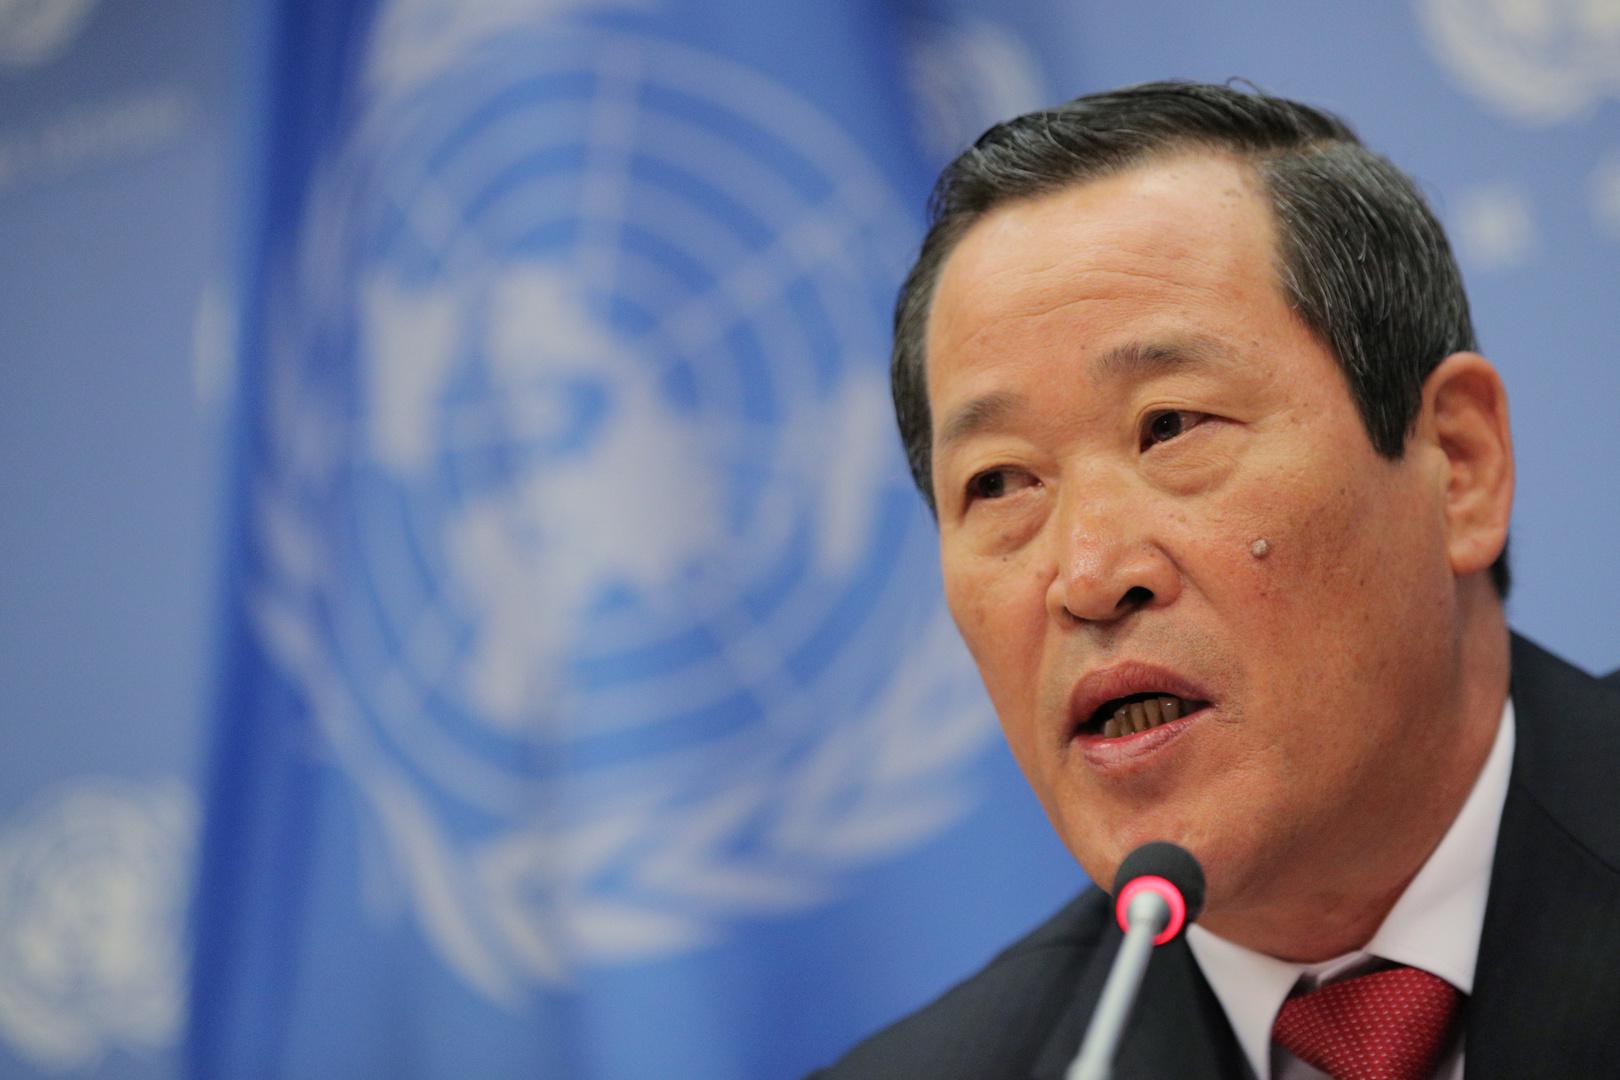 بيونغ يانغ تحذر مجلس الأمن من أي مناقشة لموضوع حقوق الإنسان في كوريا الشمالية